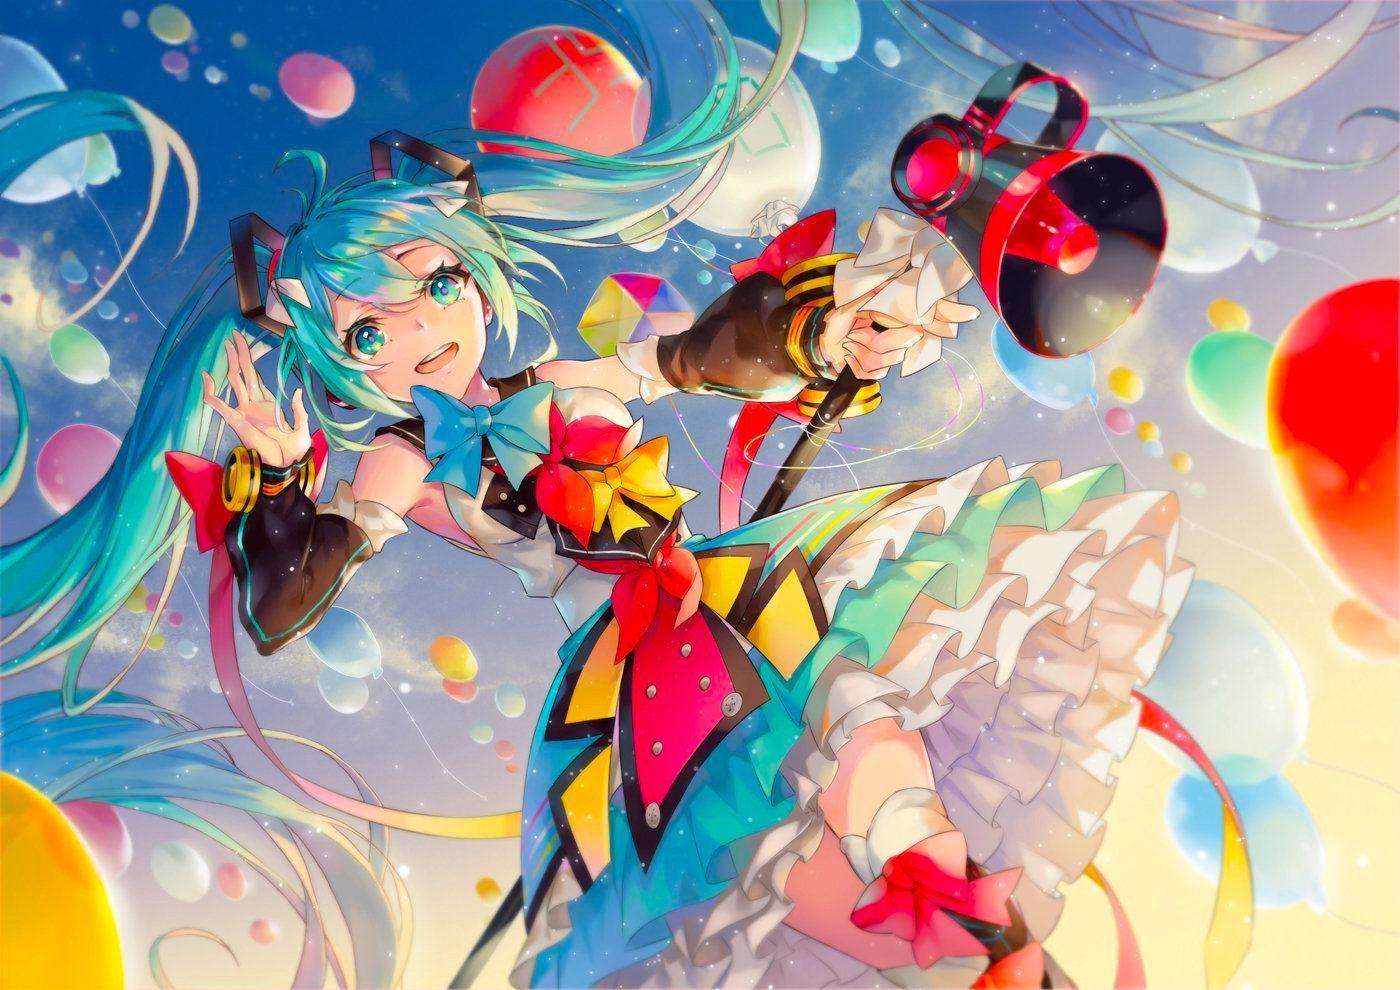 11thおめでとう!!*ଘ(੭*ˊᵕˋ)੭* ੈ ‧₊˚ 初音ミク生誕祭2018(画像あり) 祭 イラスト